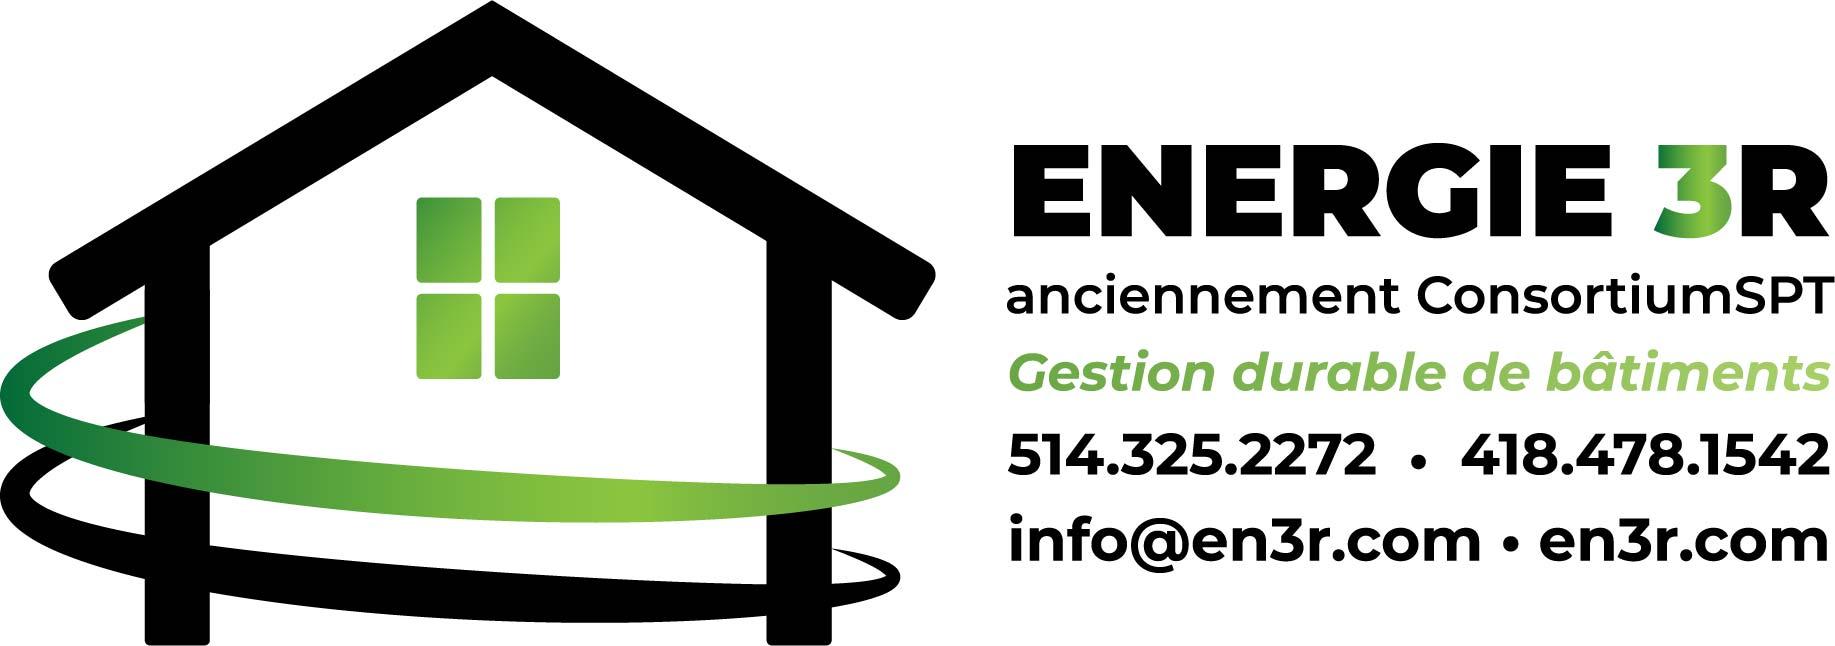 logo Mehmet Guducu, Daniel  Perrault